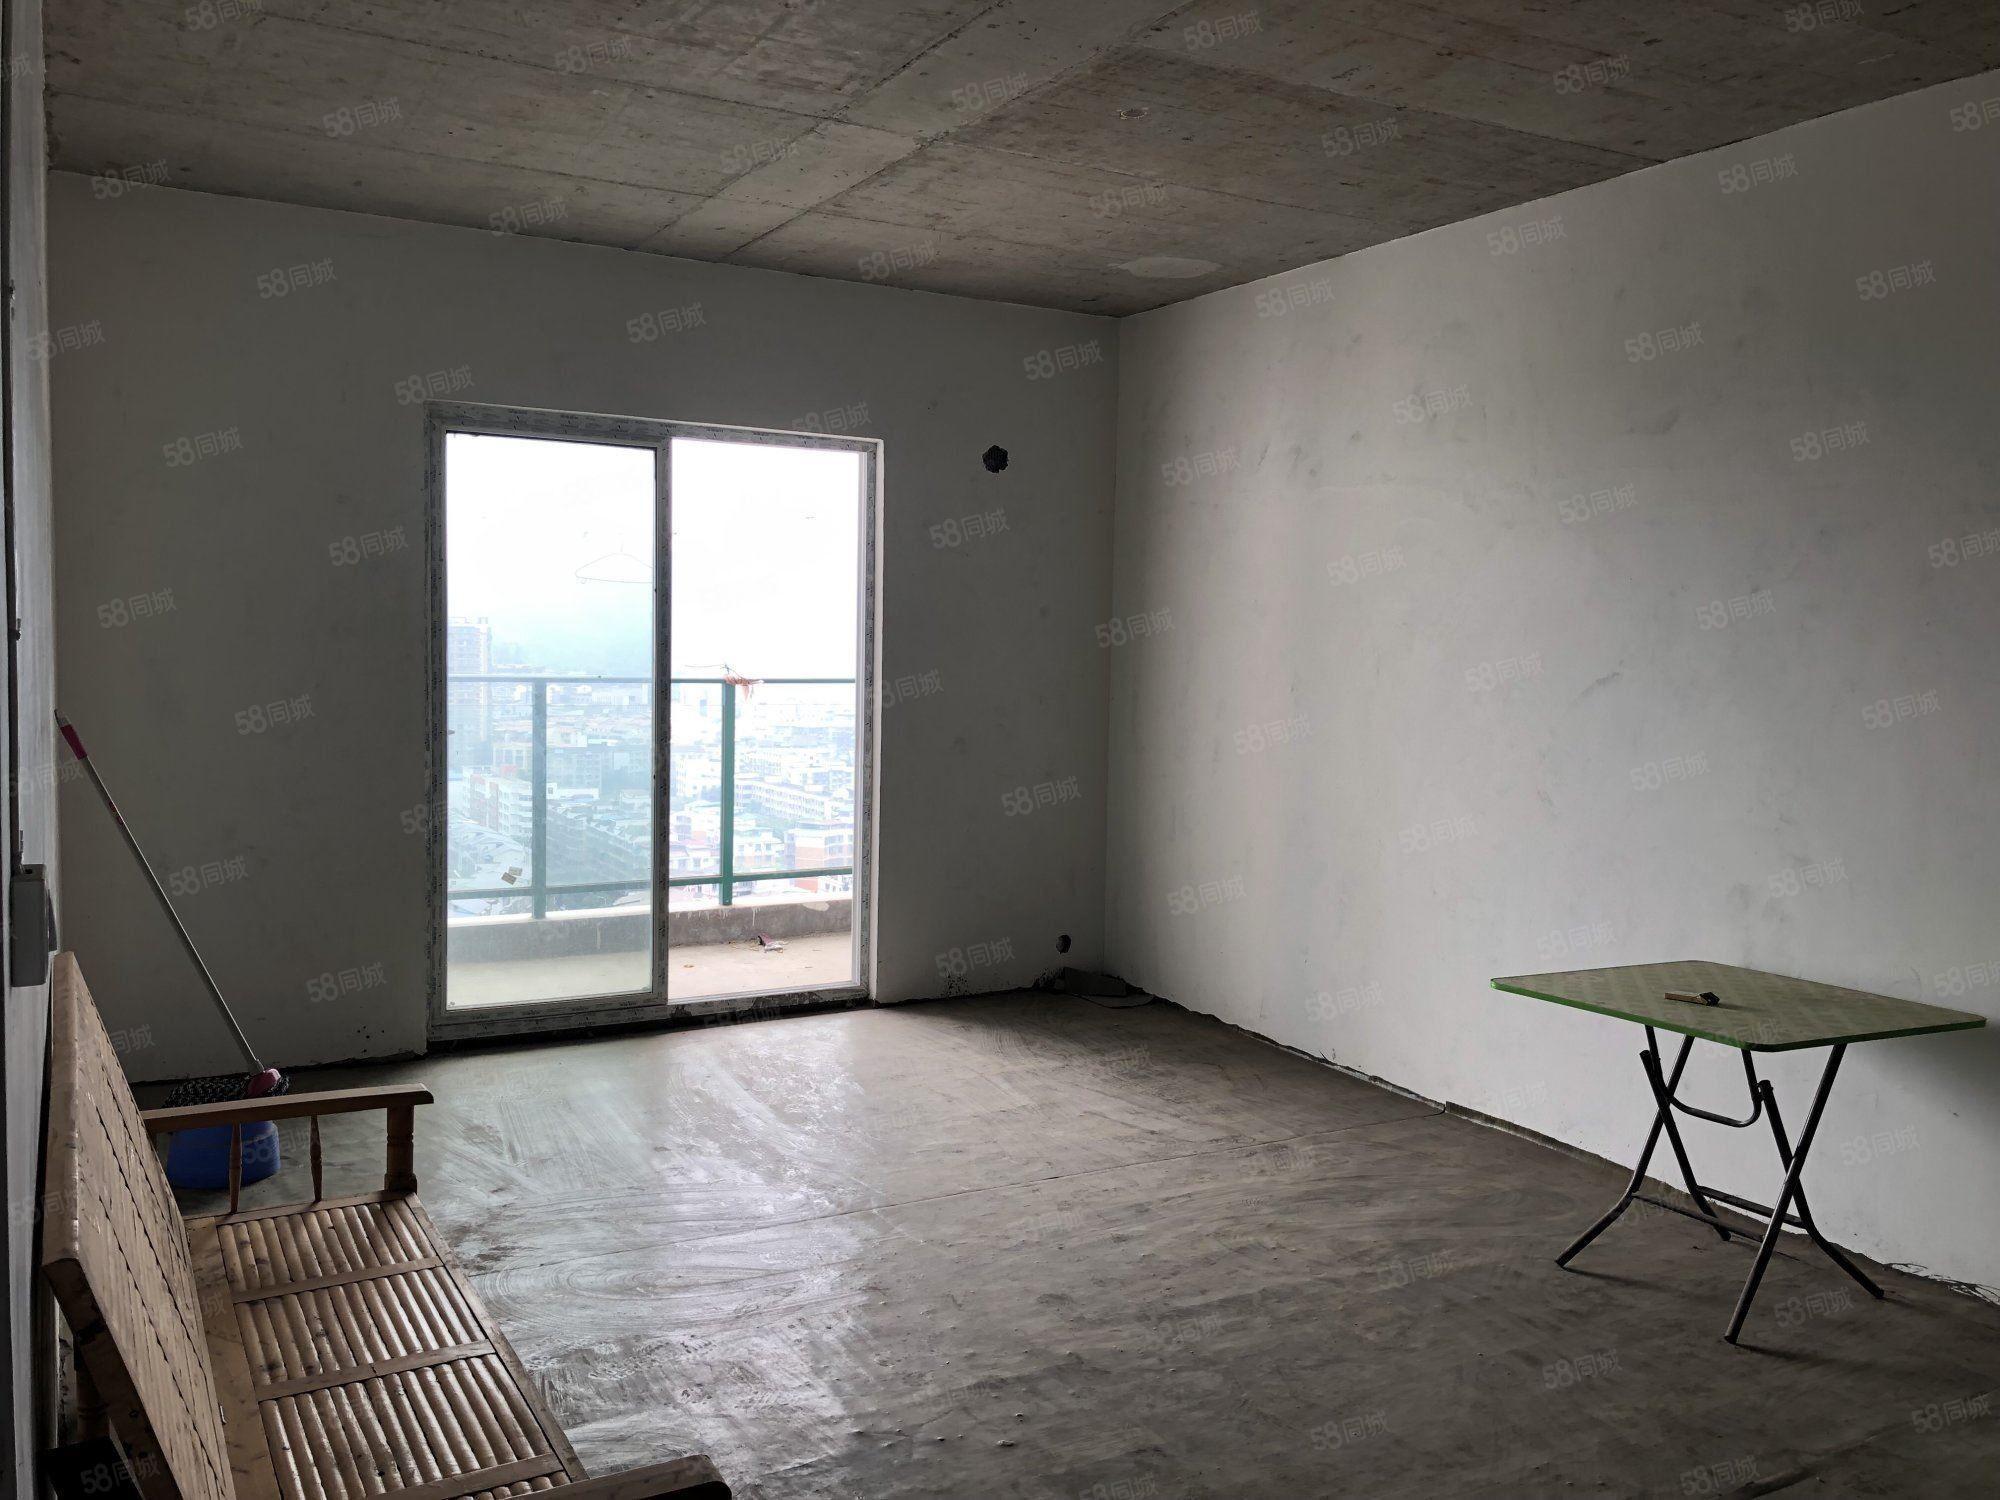 泸县城中心朝阳锦华城旁凤凰居电梯三房简装送入户单价只要4千多